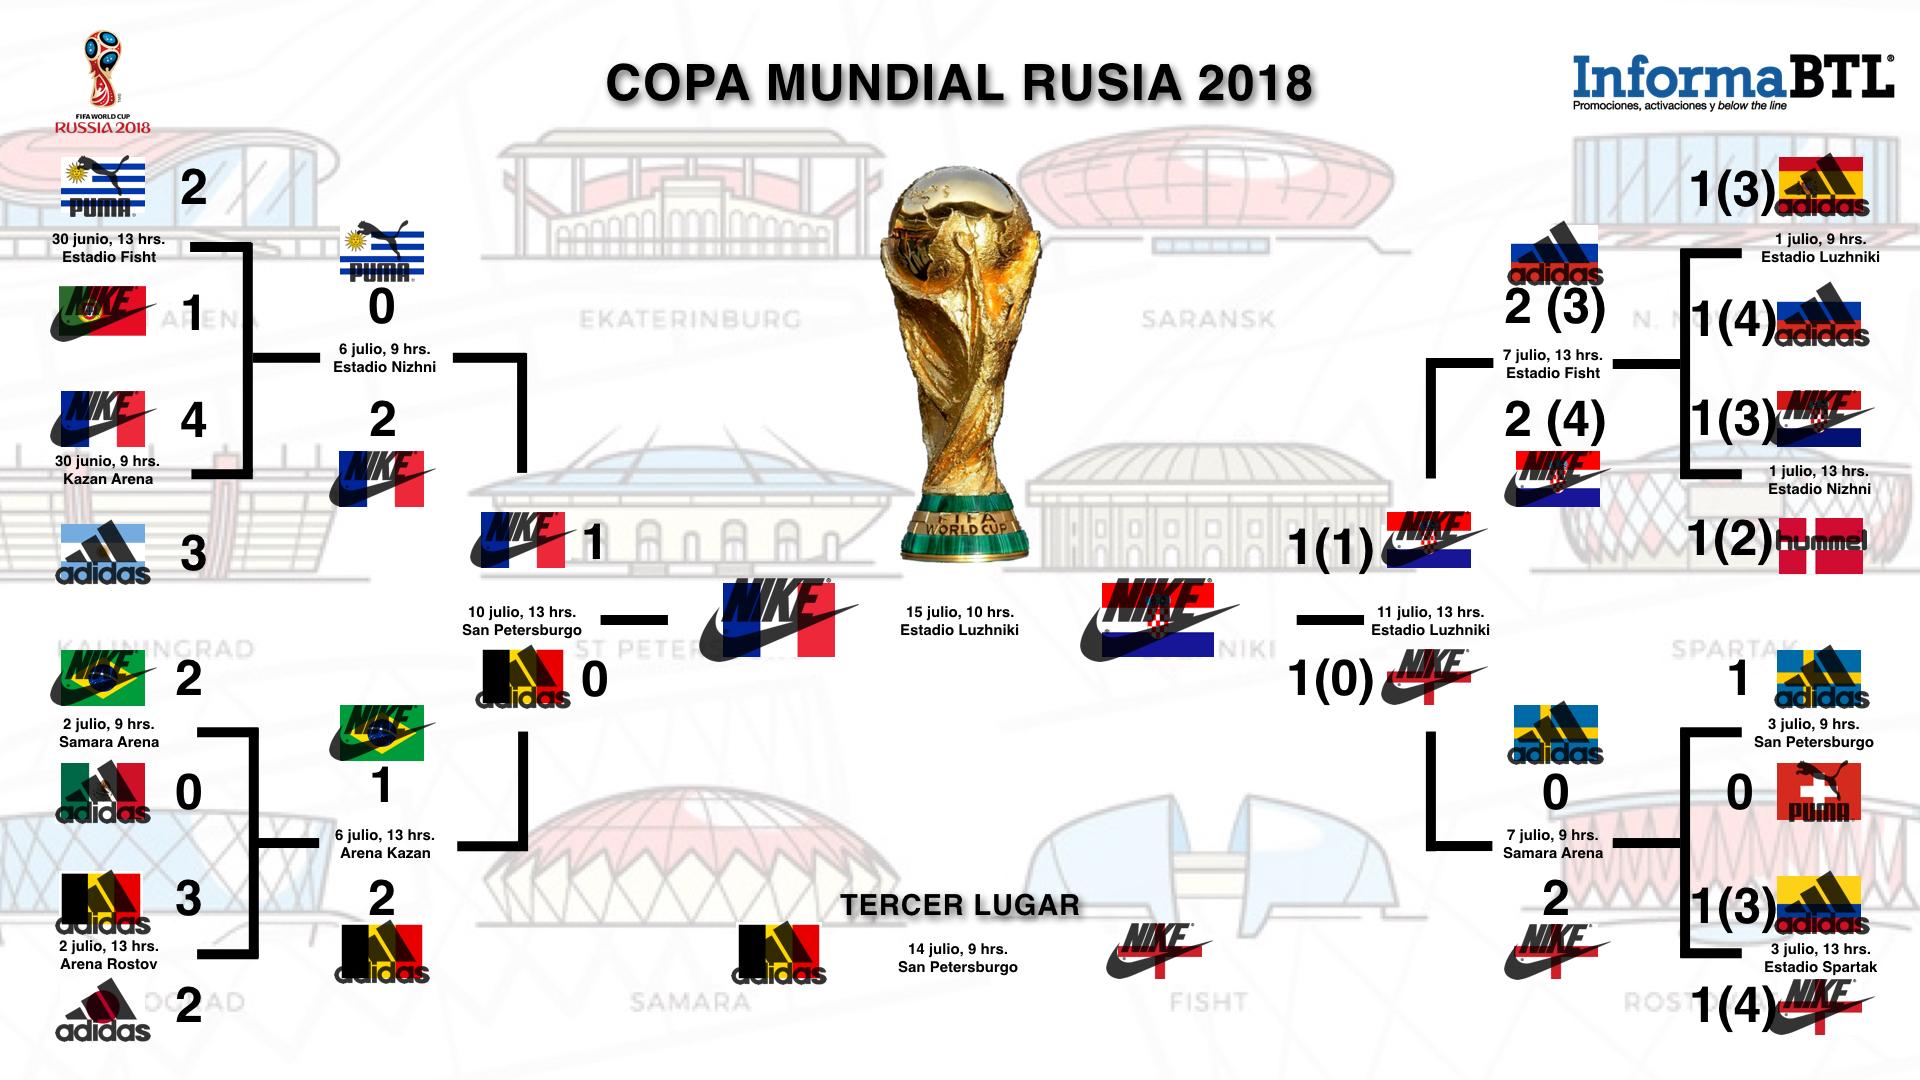 Rusia 2018 - Mundial de las marcas